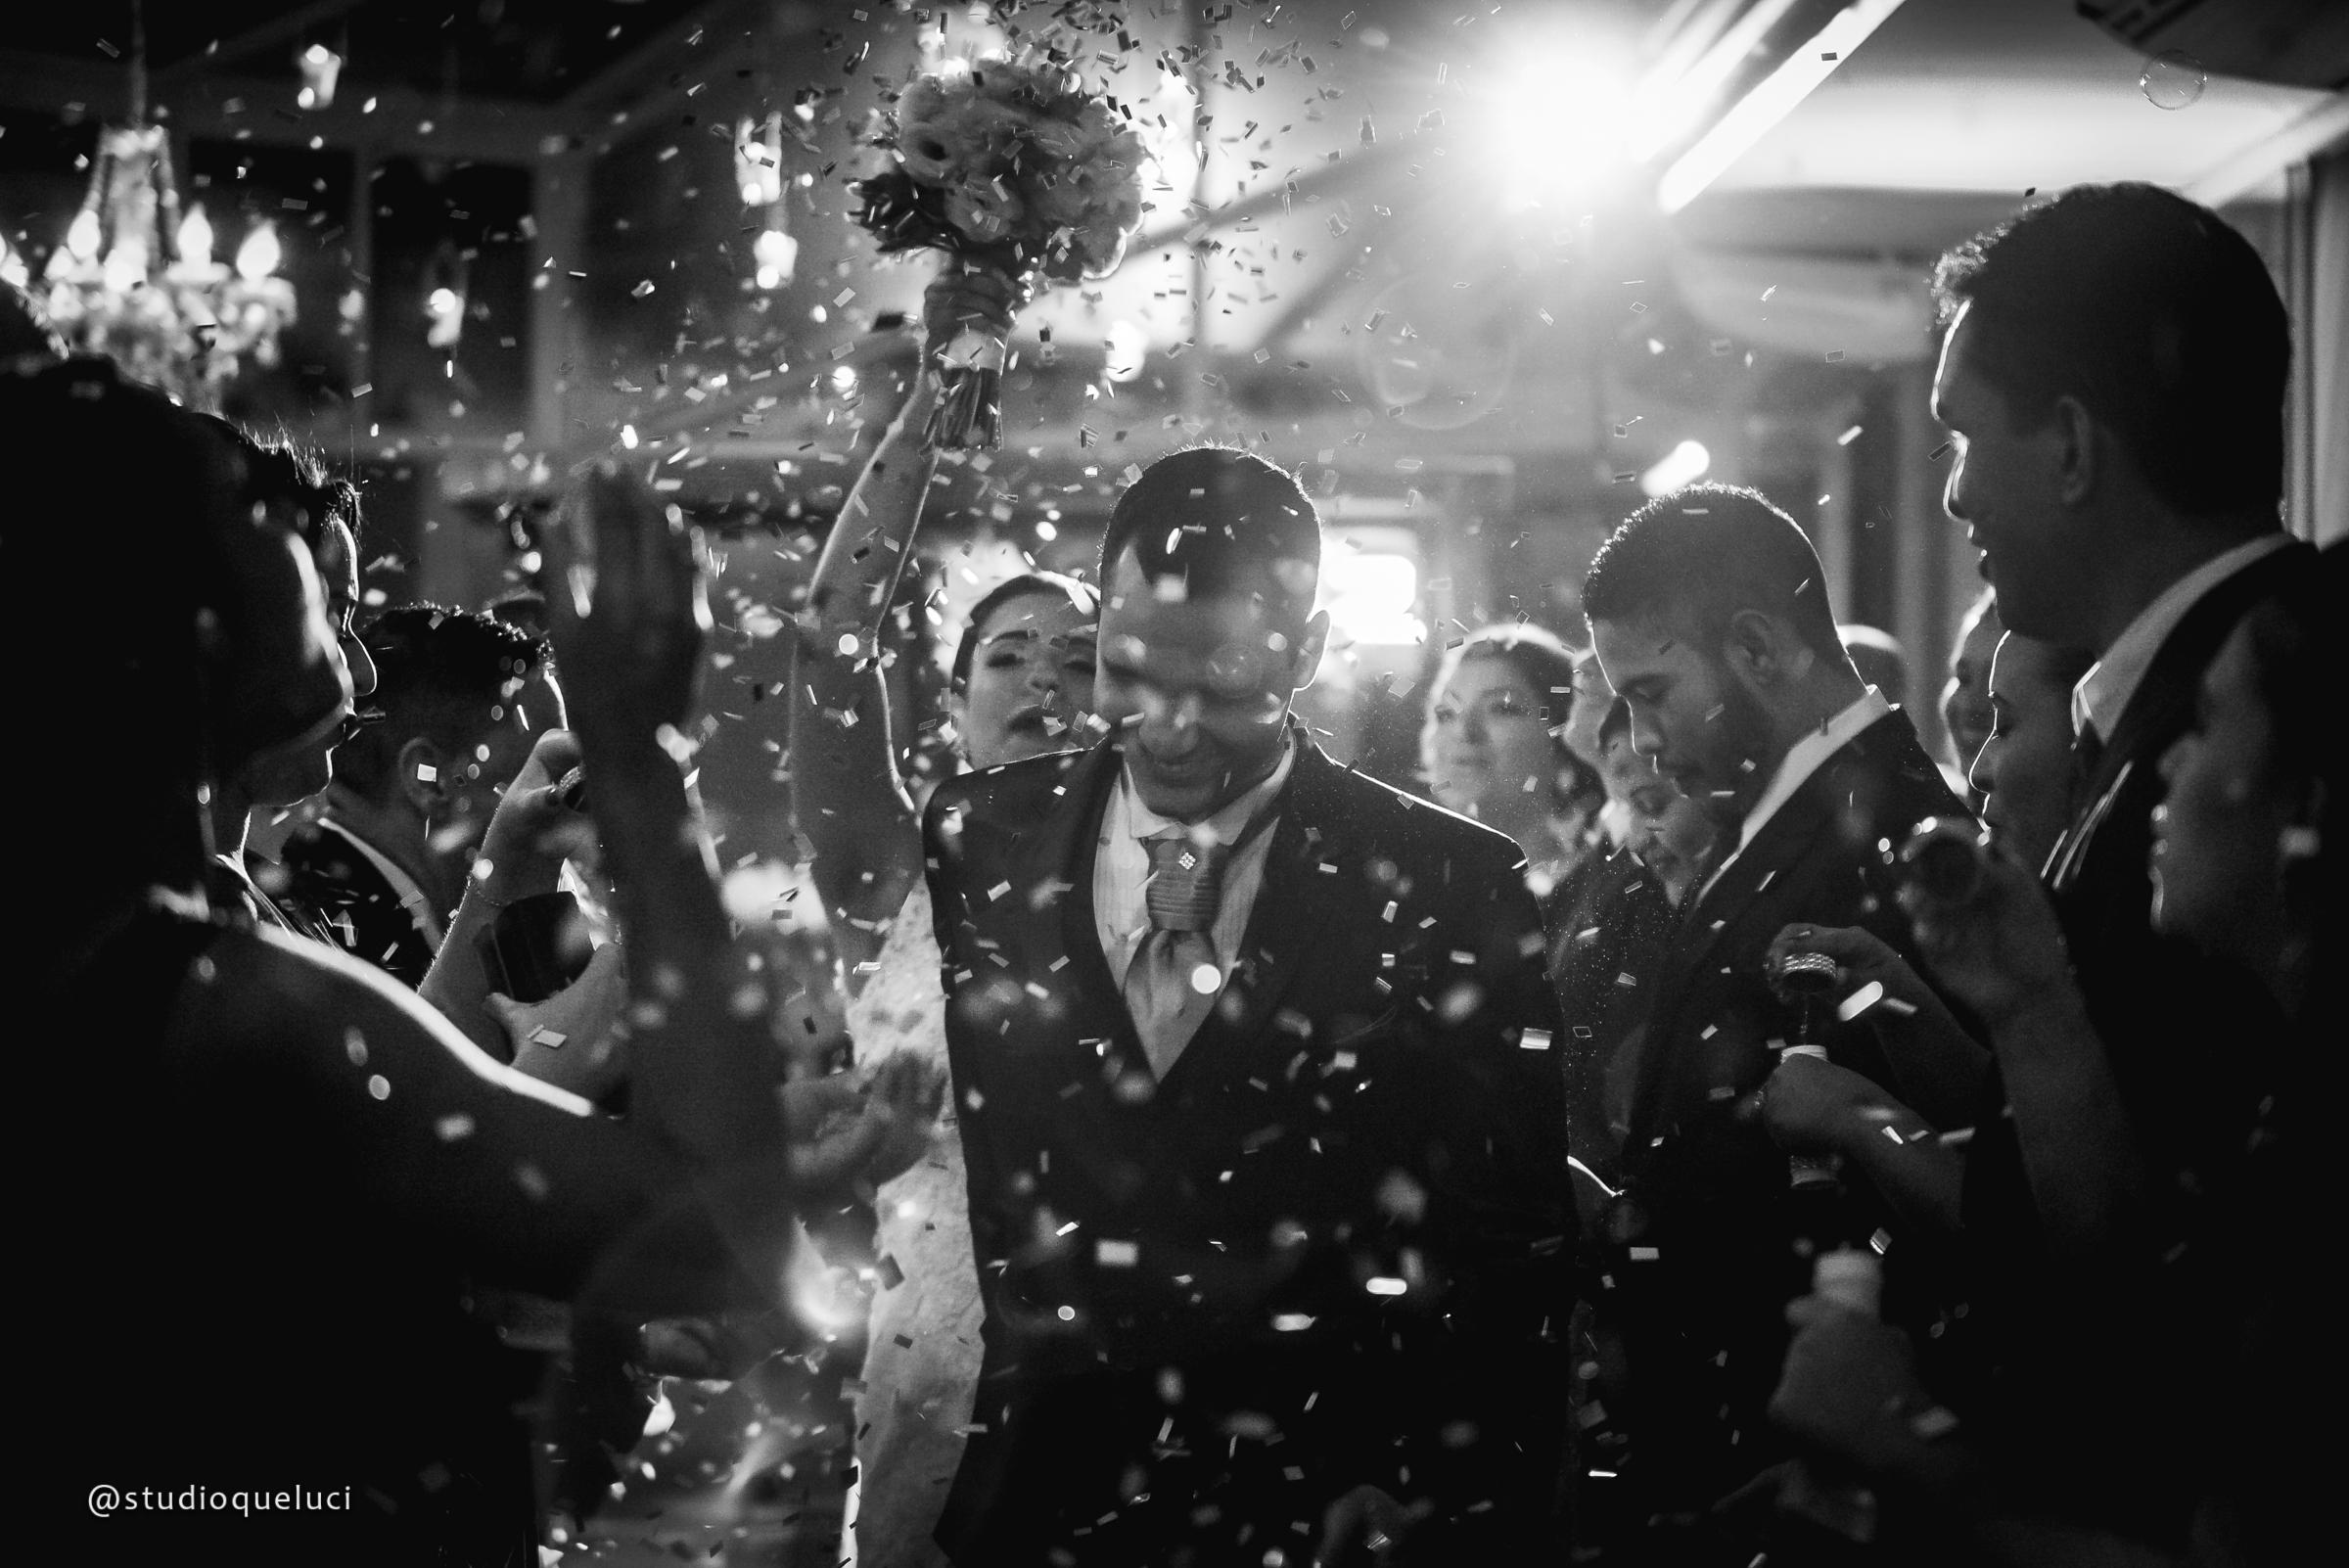 Fotografo no rio de janeiro, casamento de Felipe e Talita (71)